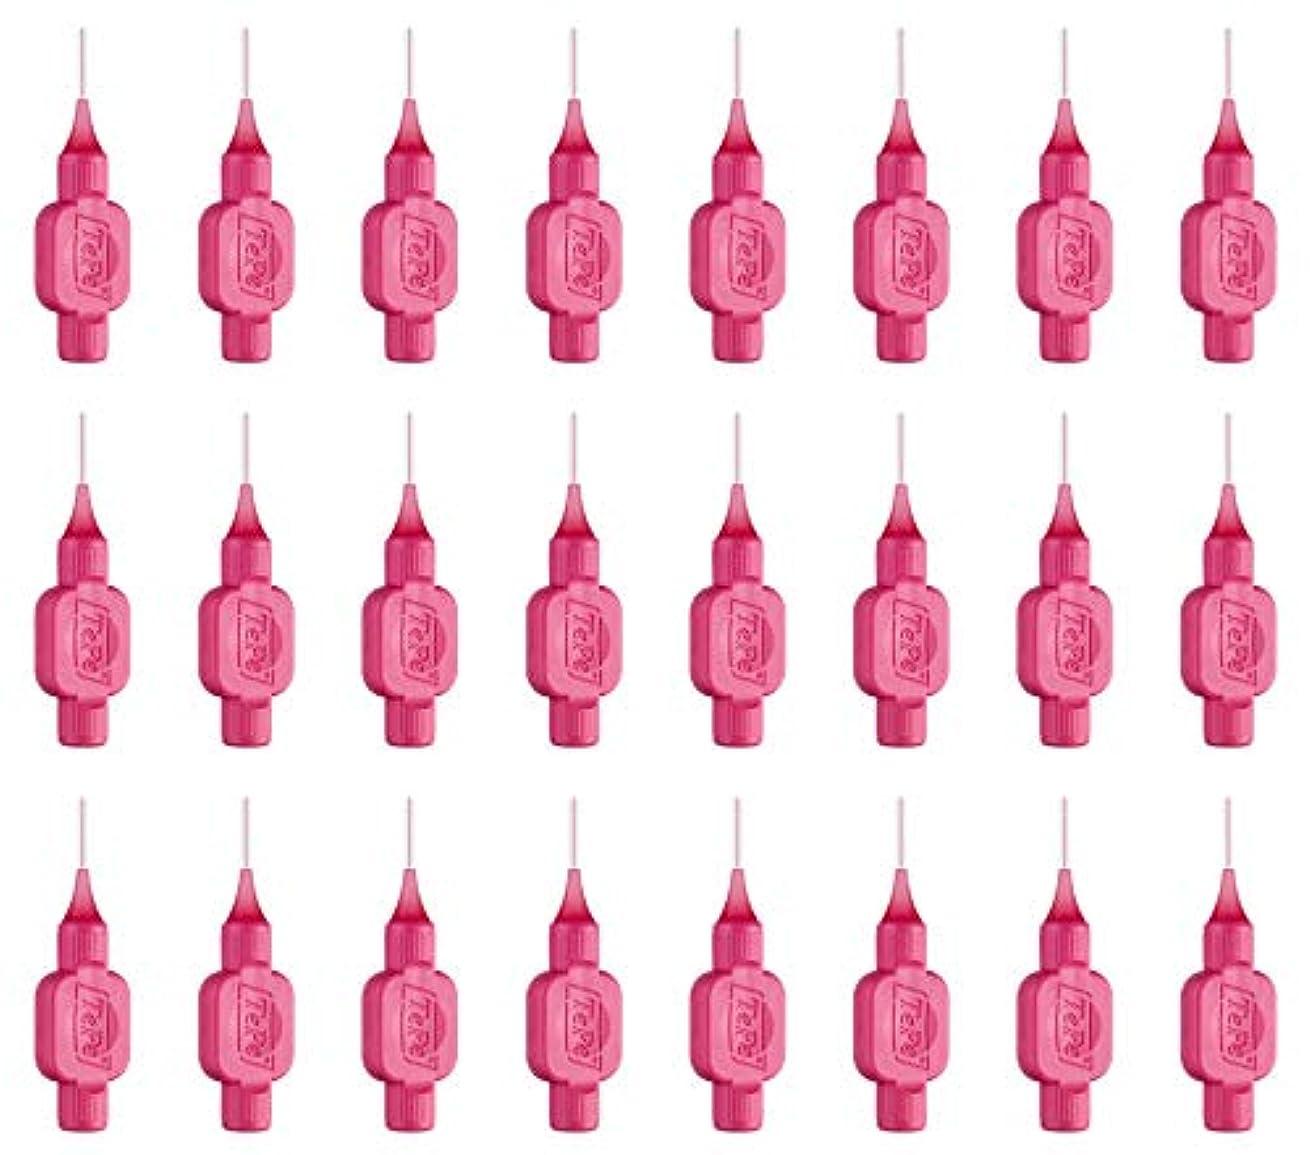 アラームそれぞれフラスコテペ 歯間ブラシ ID ピンク 8本入 3袋 (0.4)